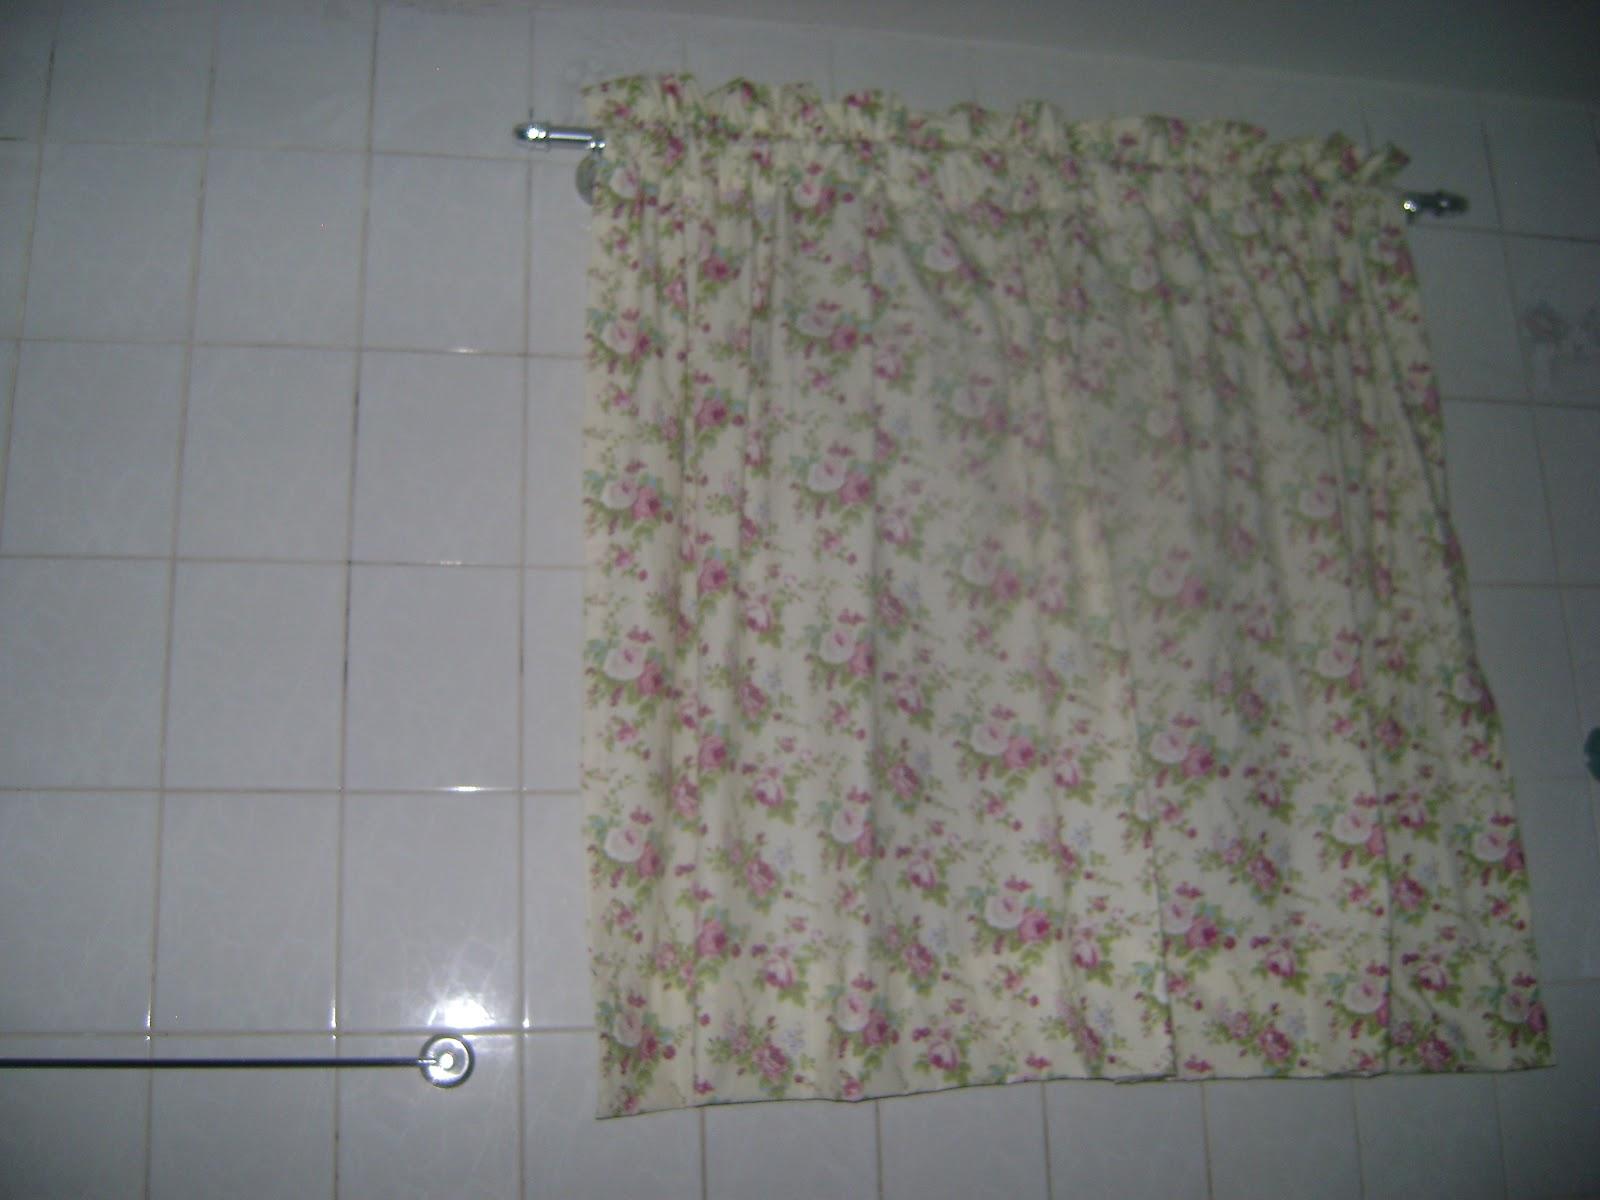 Doce Desejo: Cortina para Banheiro #6C4F5B 1600x1200 Banheiro Com Box De Cortina